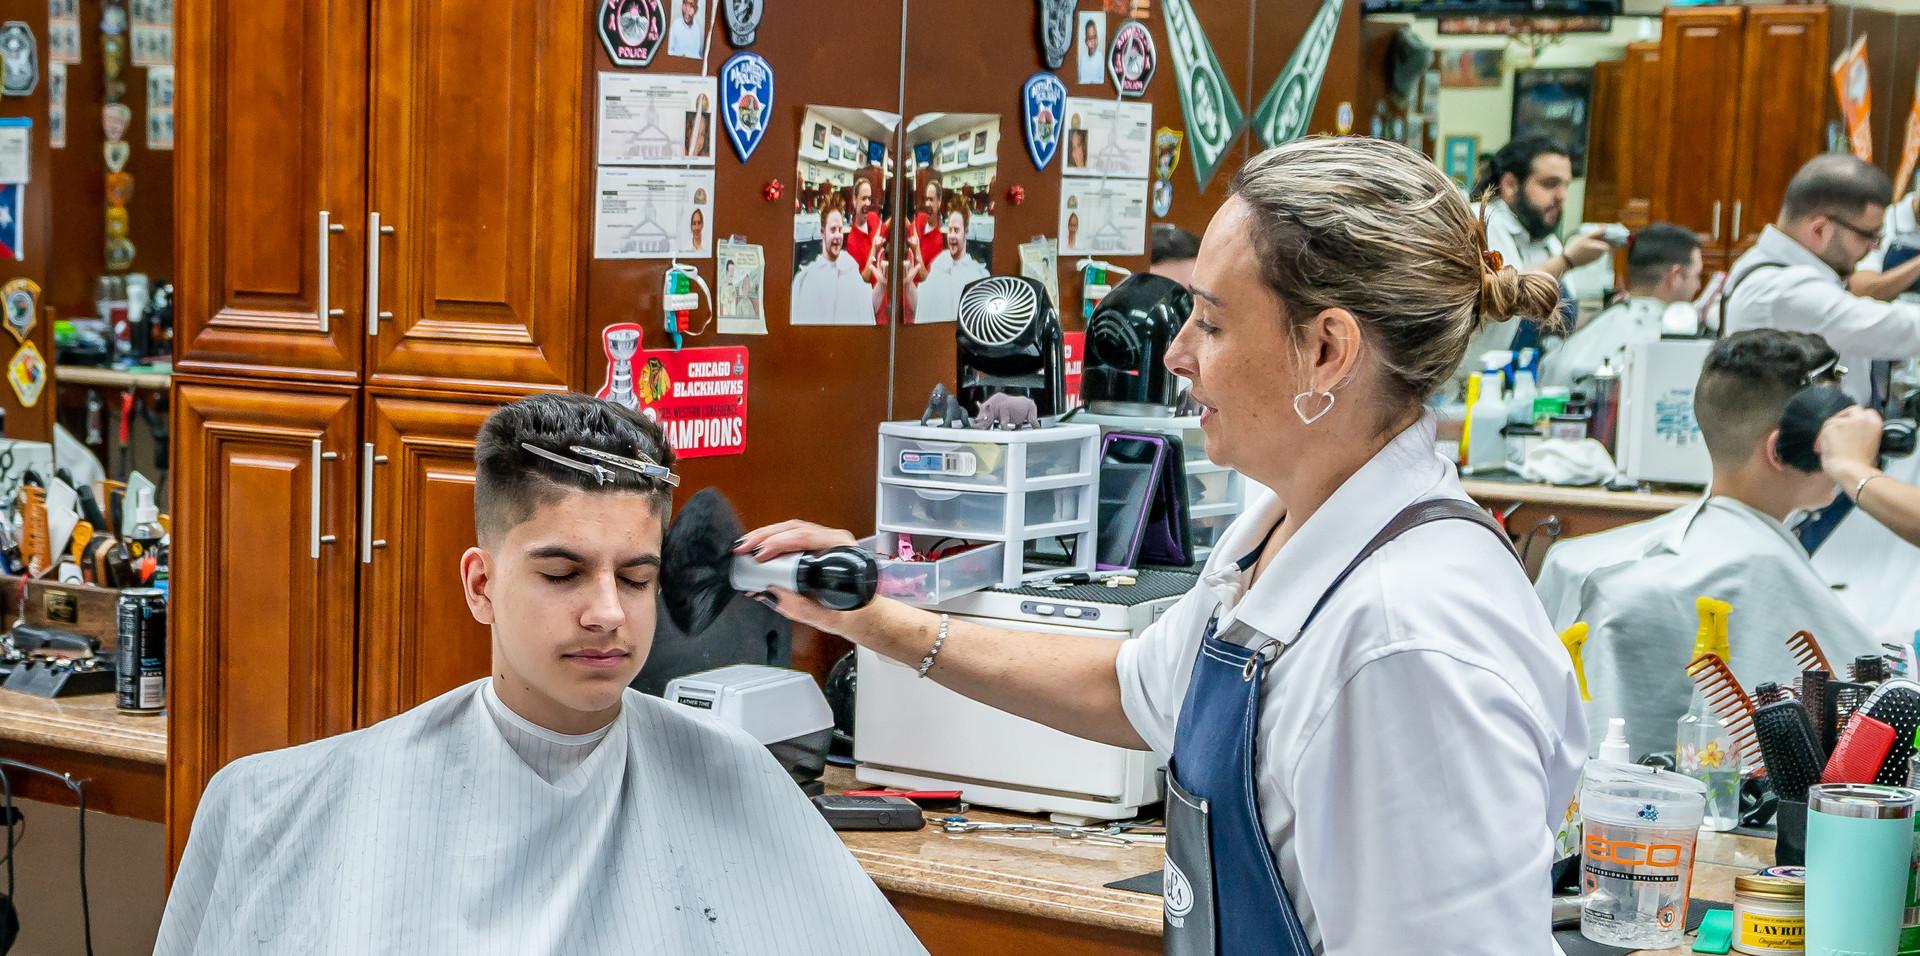 Del's Barber Shop-3.JPG